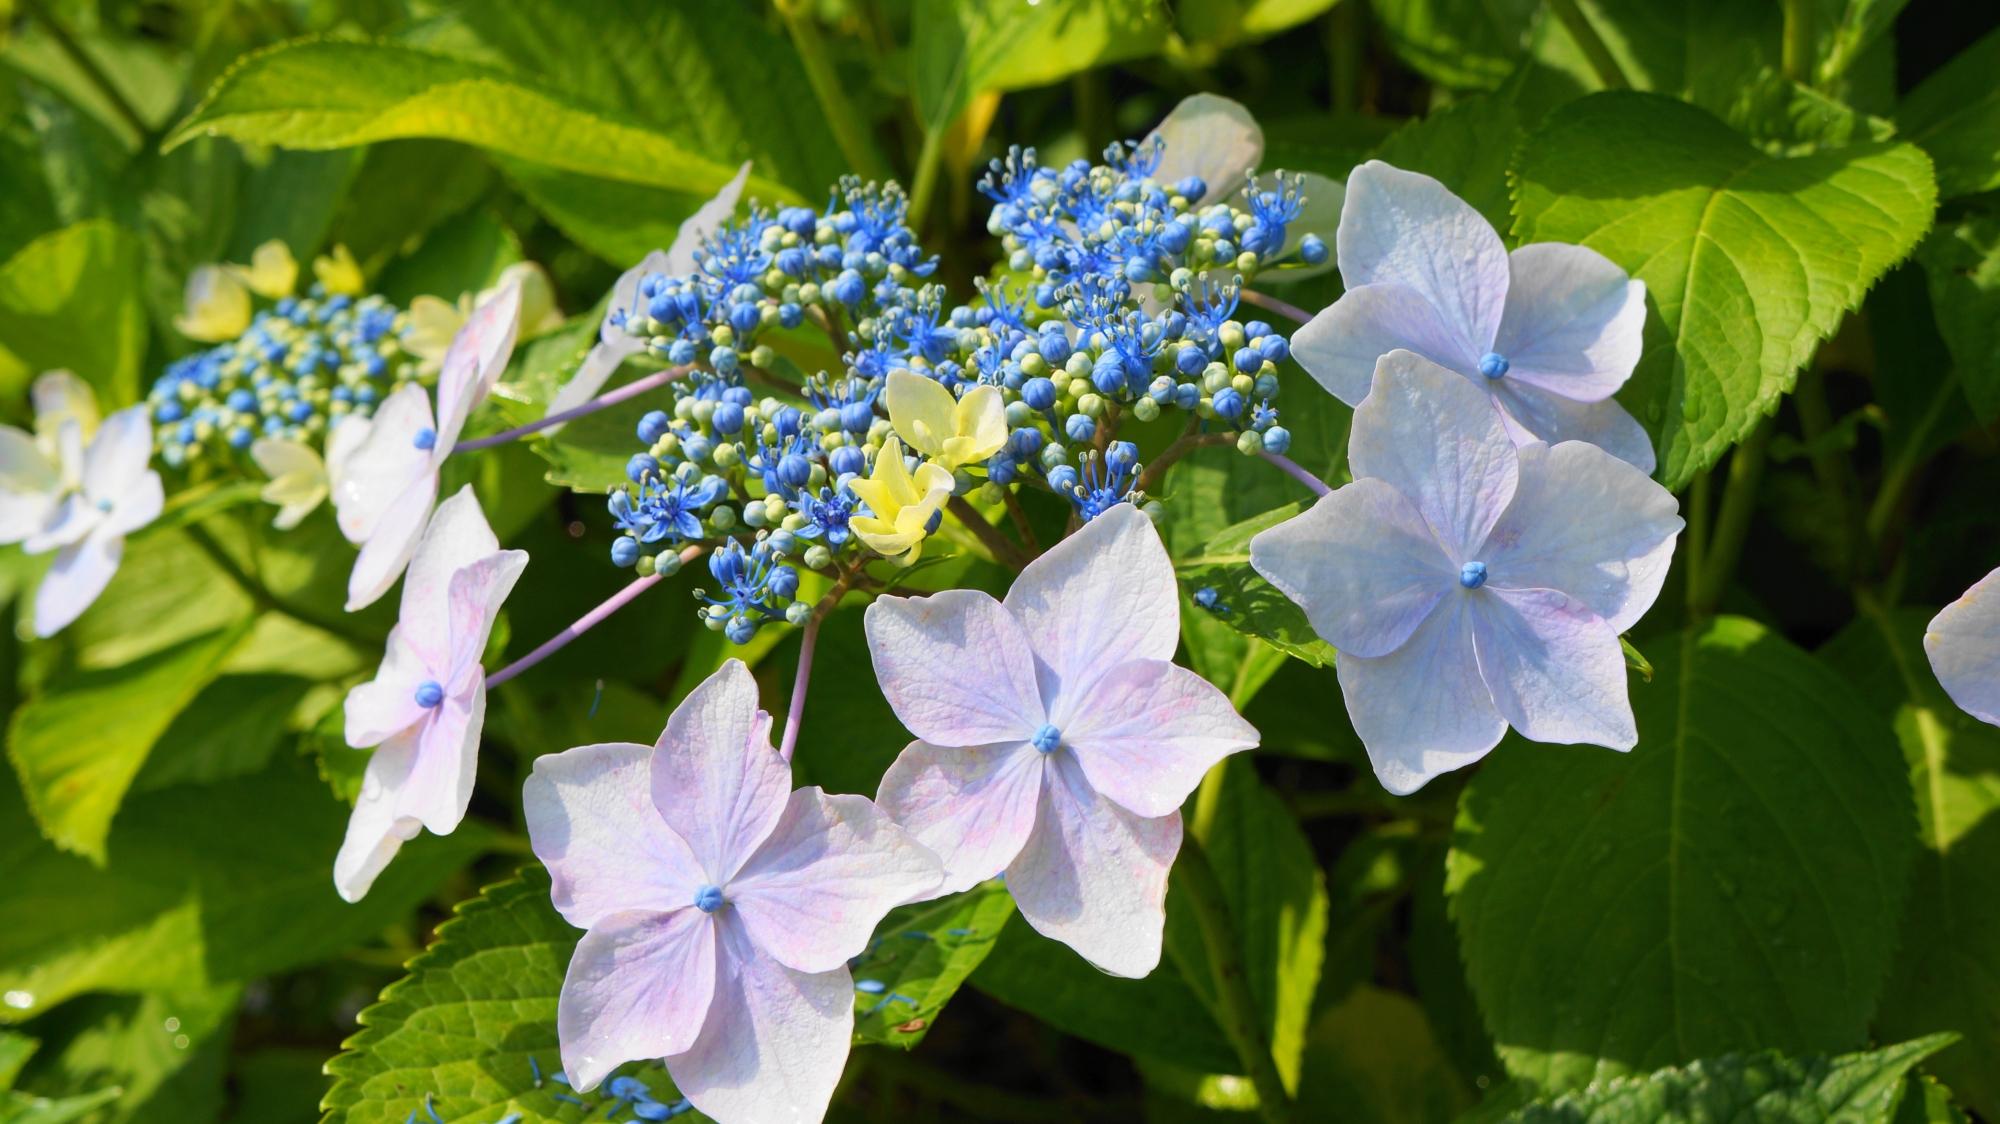 善峯寺の太陽を浴びて輝く額紫陽花